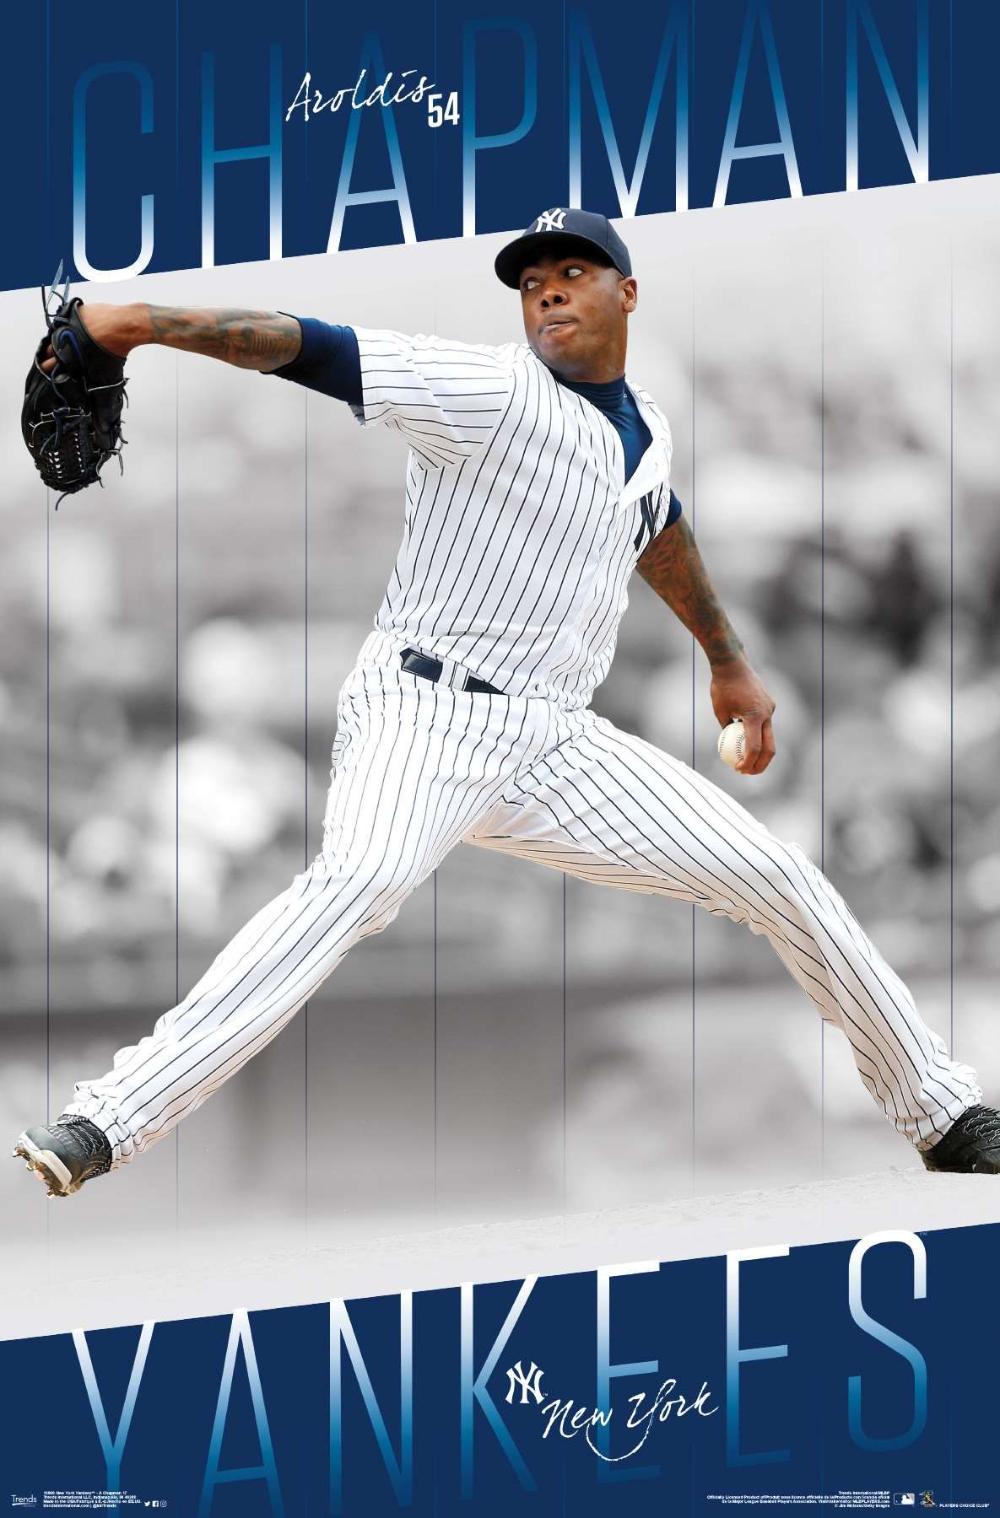 Mlb New York Yankees Aroldis Chapman 17 In 2020 New York Yankees Baseball Yankees Poster Aroldis Chapman